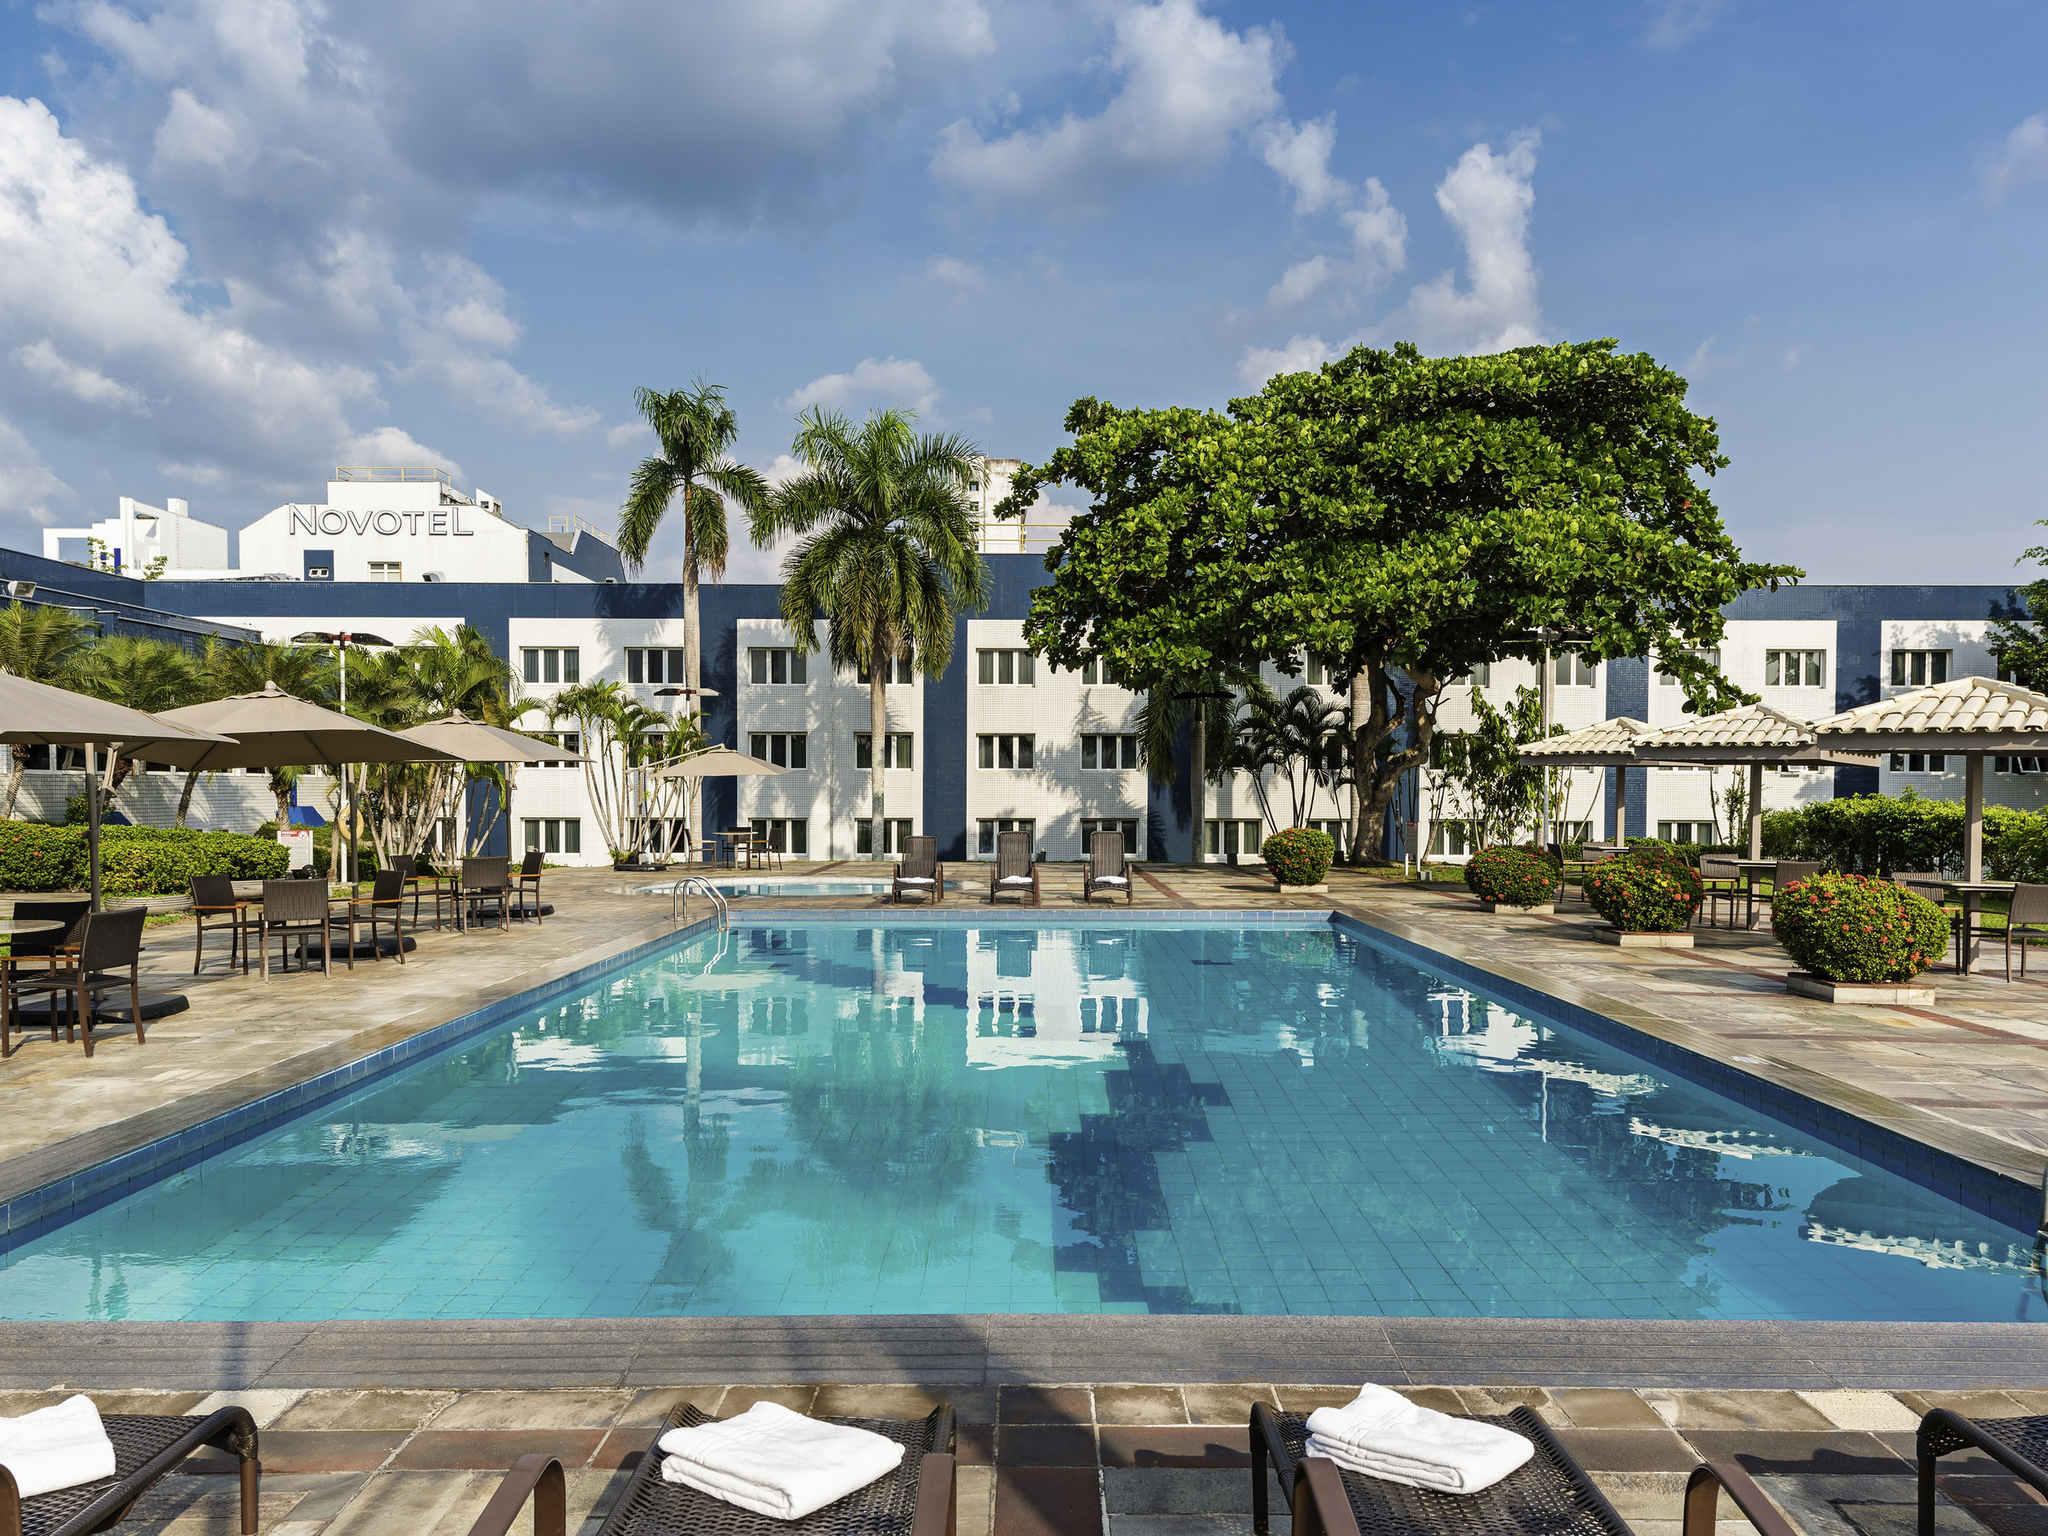 Hotel – Novotel Manaus